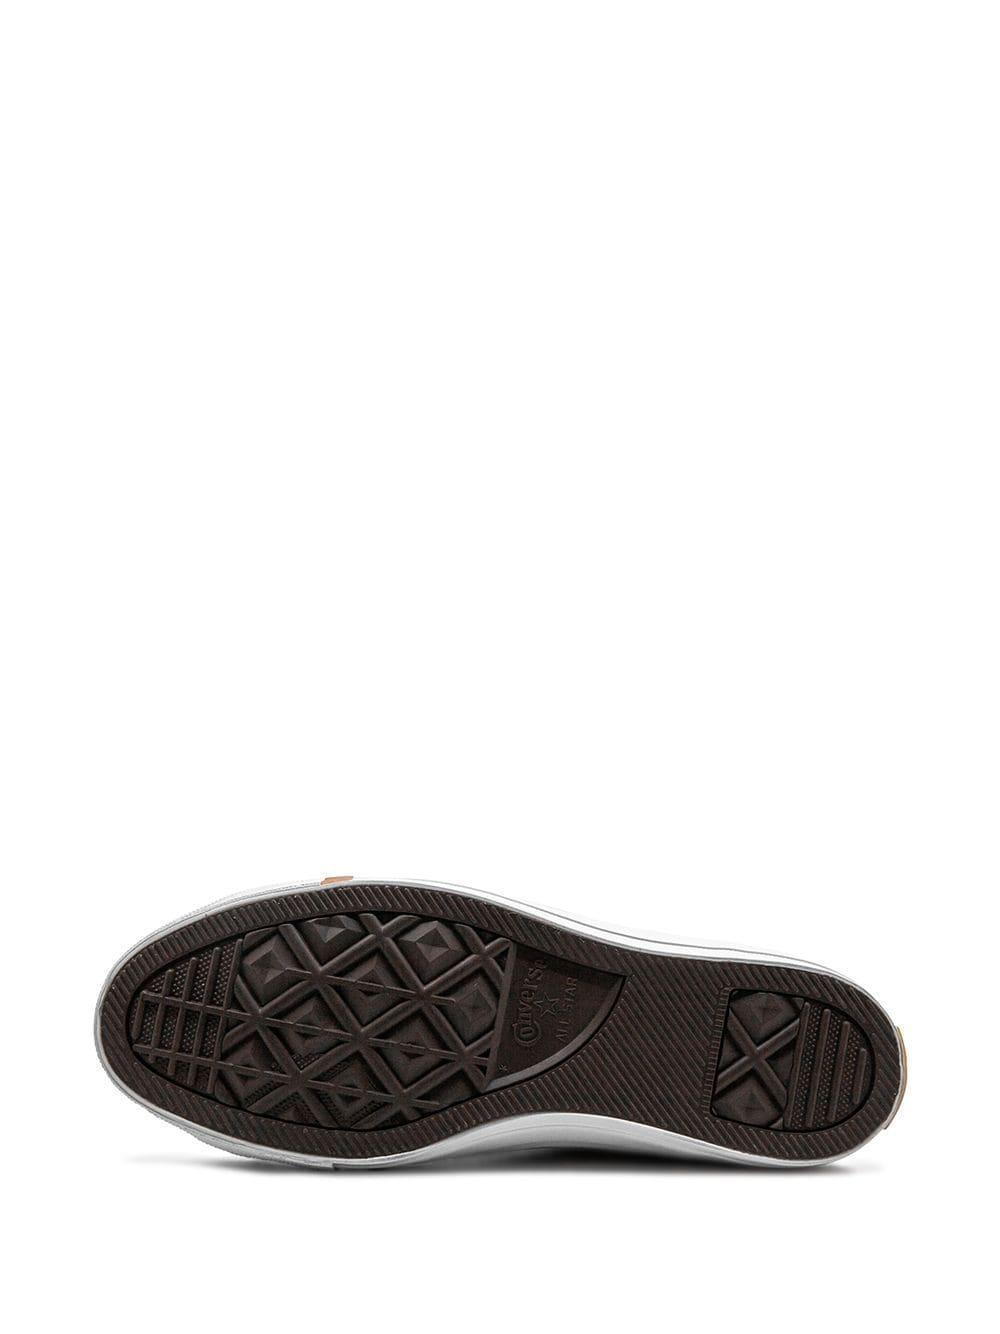 Zapatillas CTAS HI Converse de Cuero de color Blanco para hombre